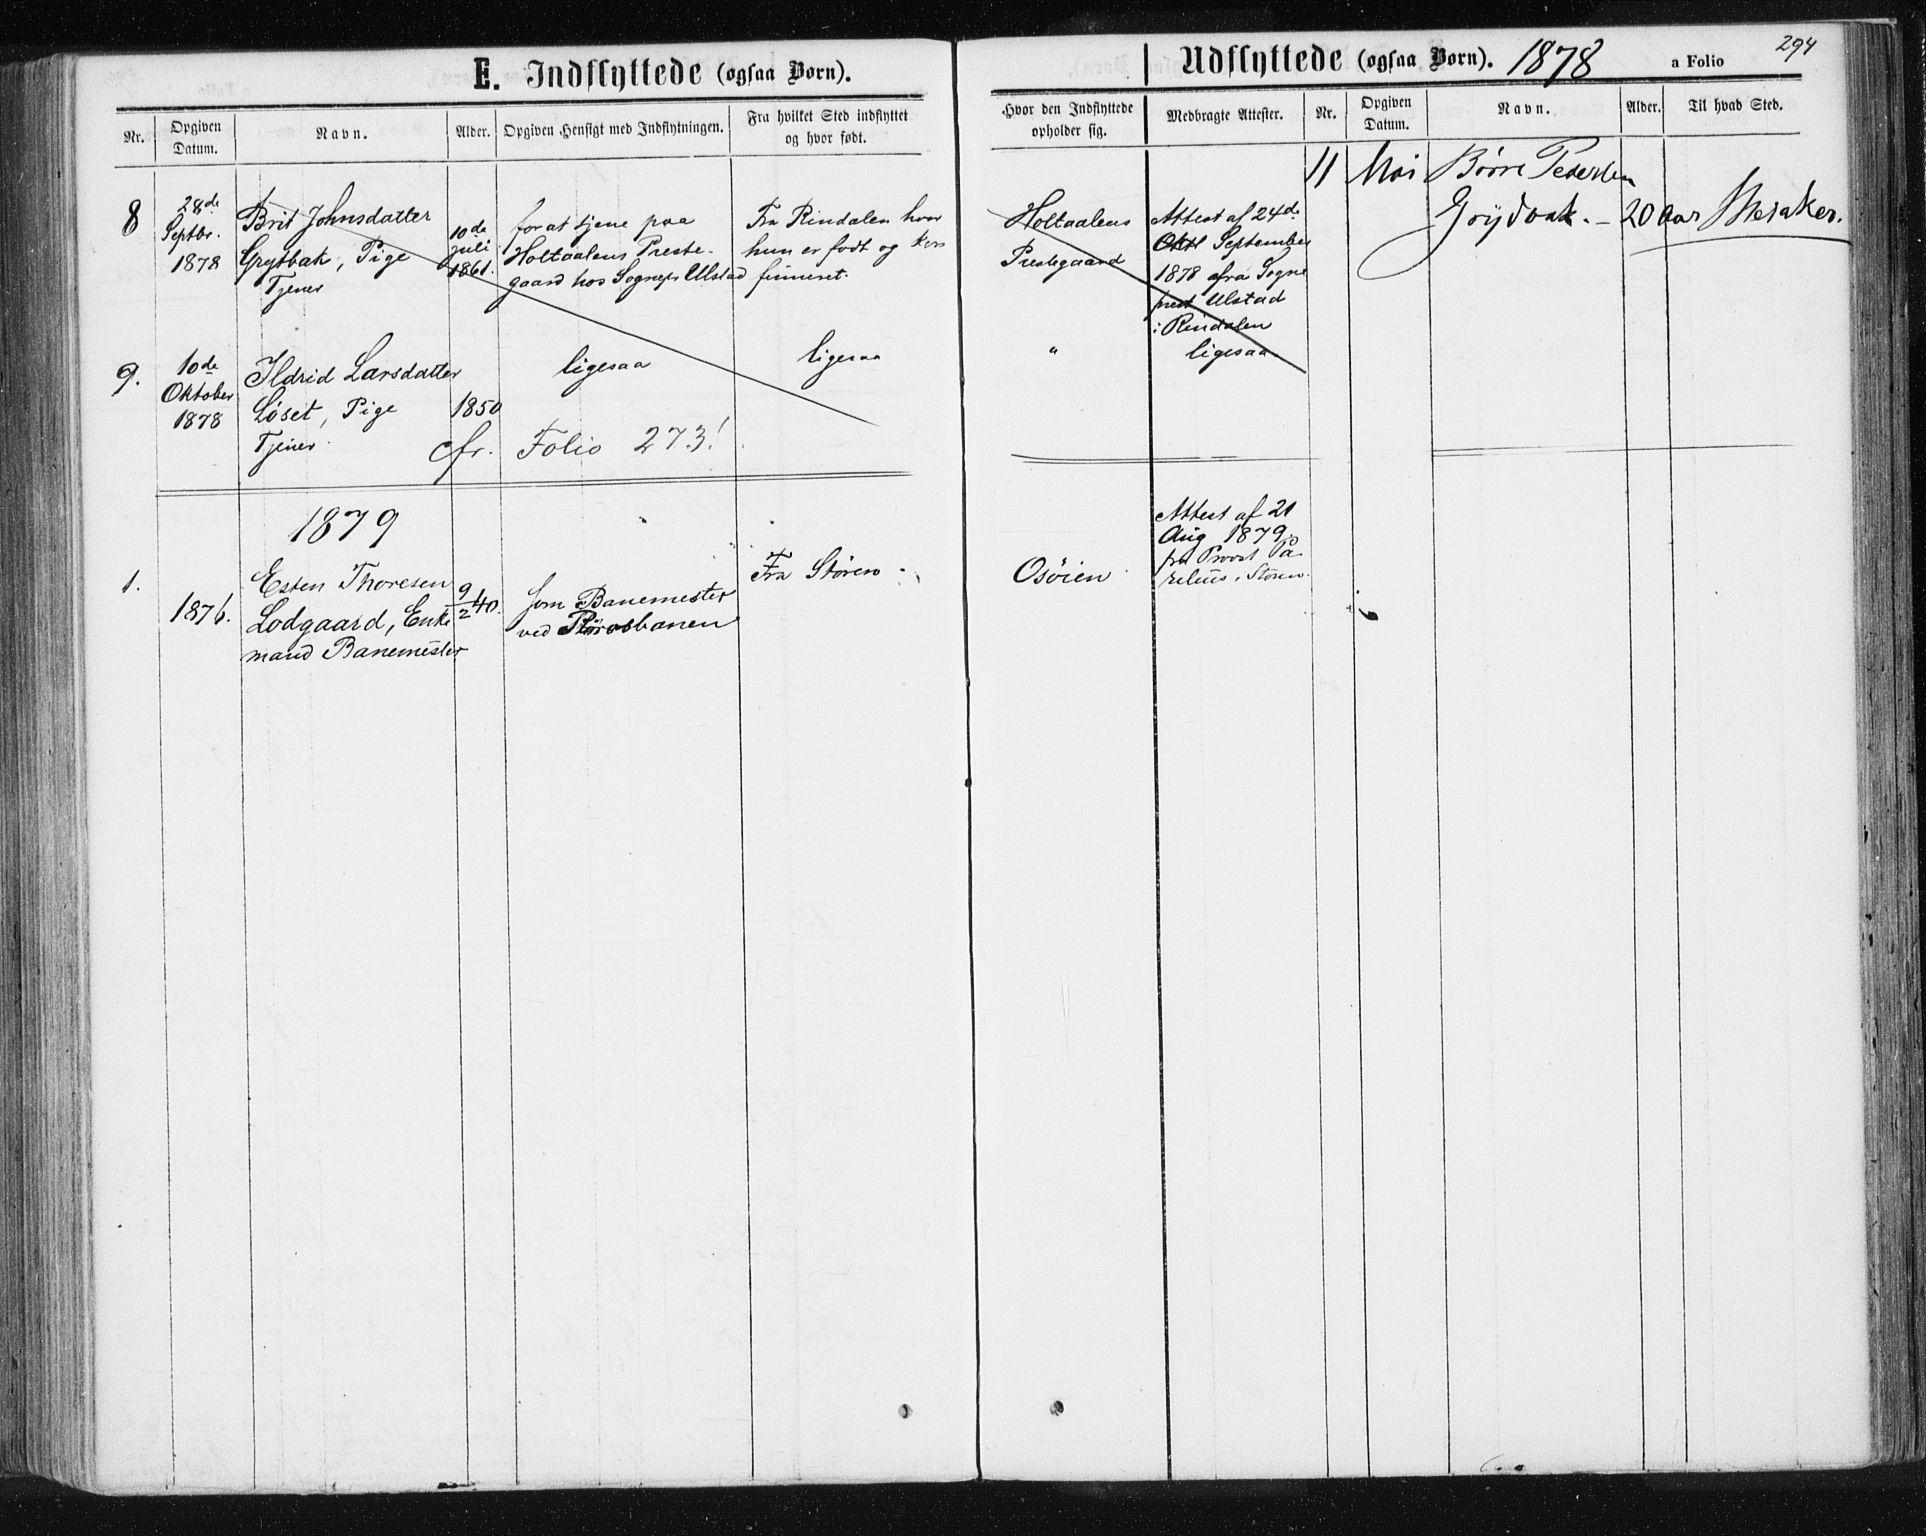 SAT, Ministerialprotokoller, klokkerbøker og fødselsregistre - Sør-Trøndelag, 685/L0971: Ministerialbok nr. 685A08 /3, 1870-1879, s. 294